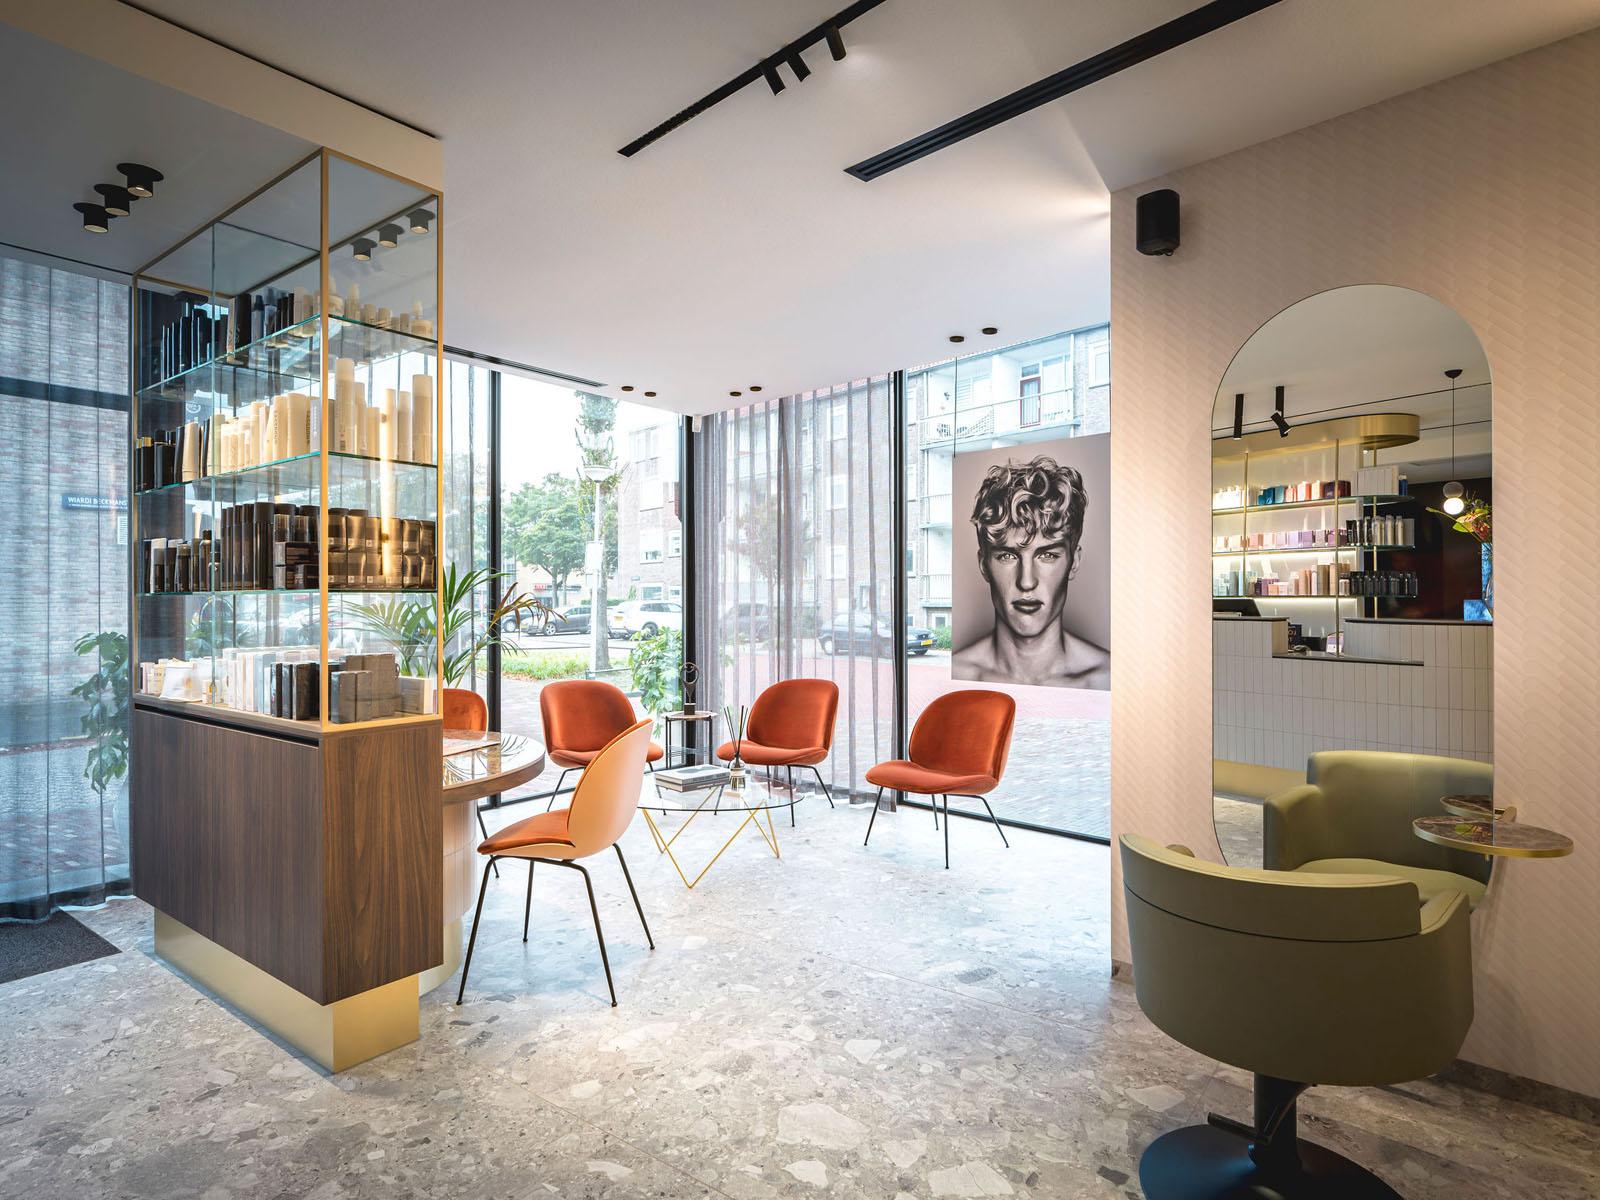 reception salon bosman brutalism jeroen de nijs bni lounge